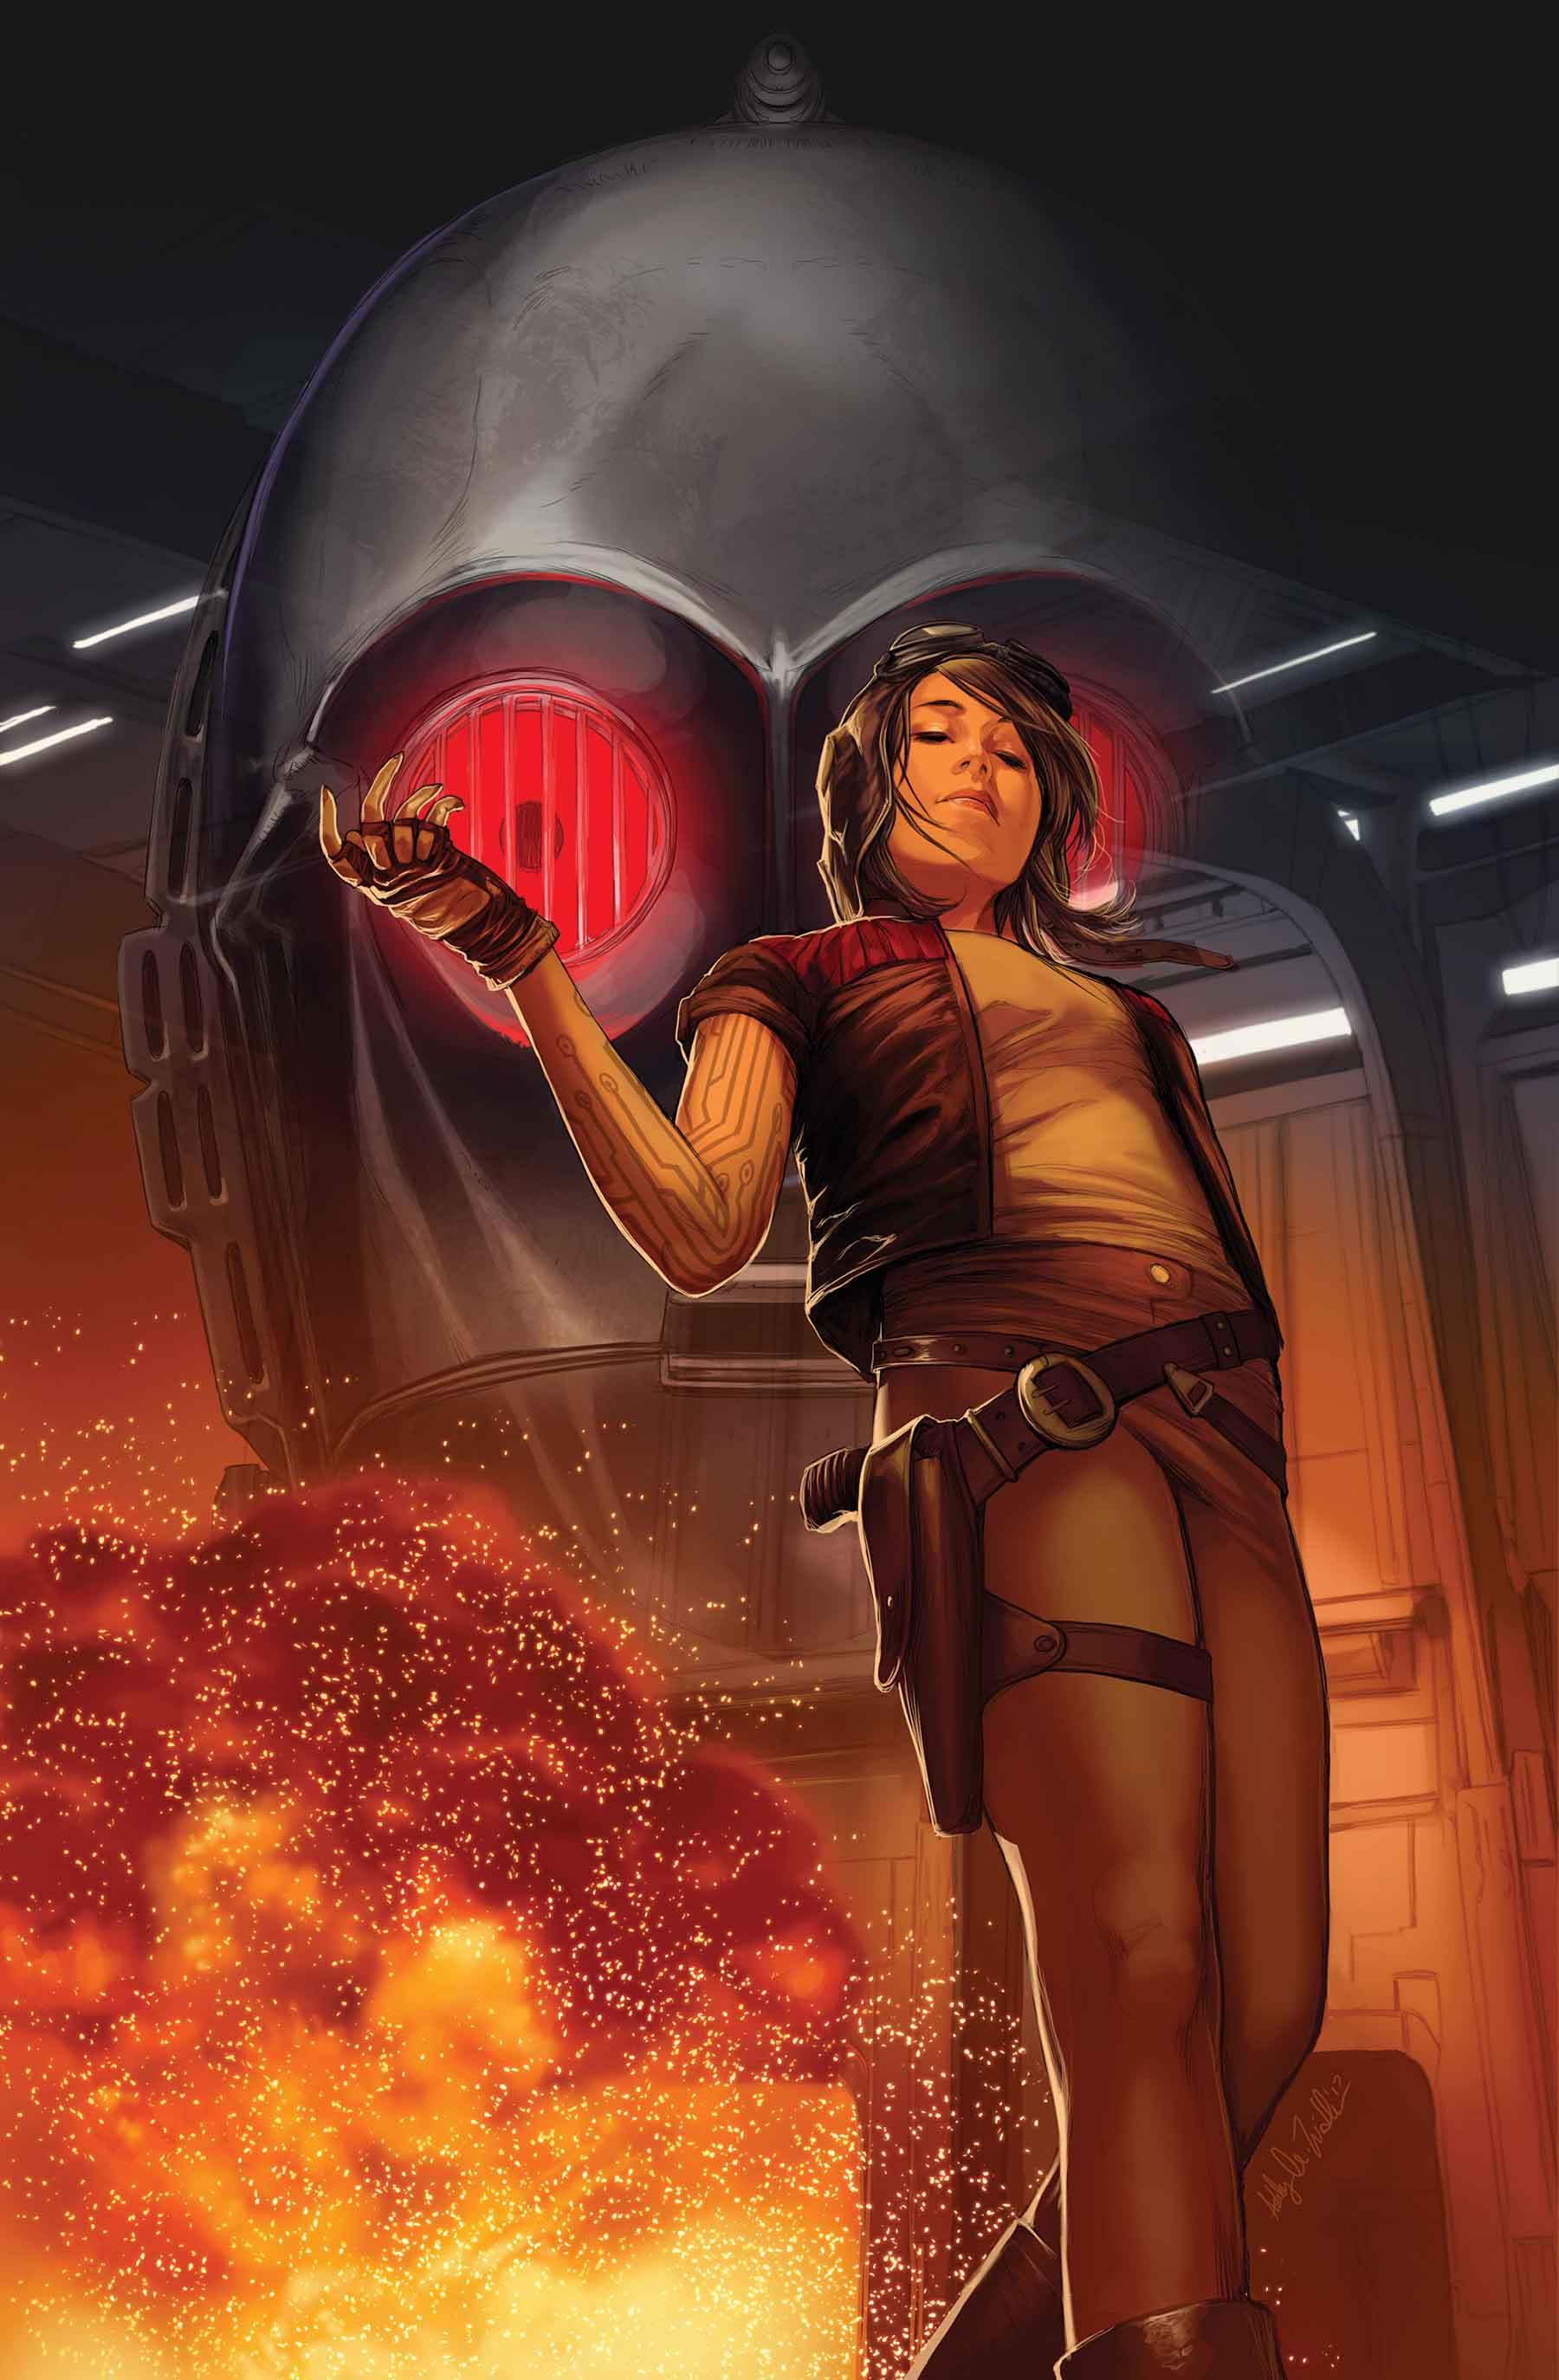 Звёздные войны. Доктор Афра 19: Вновь сведённые, часть 6